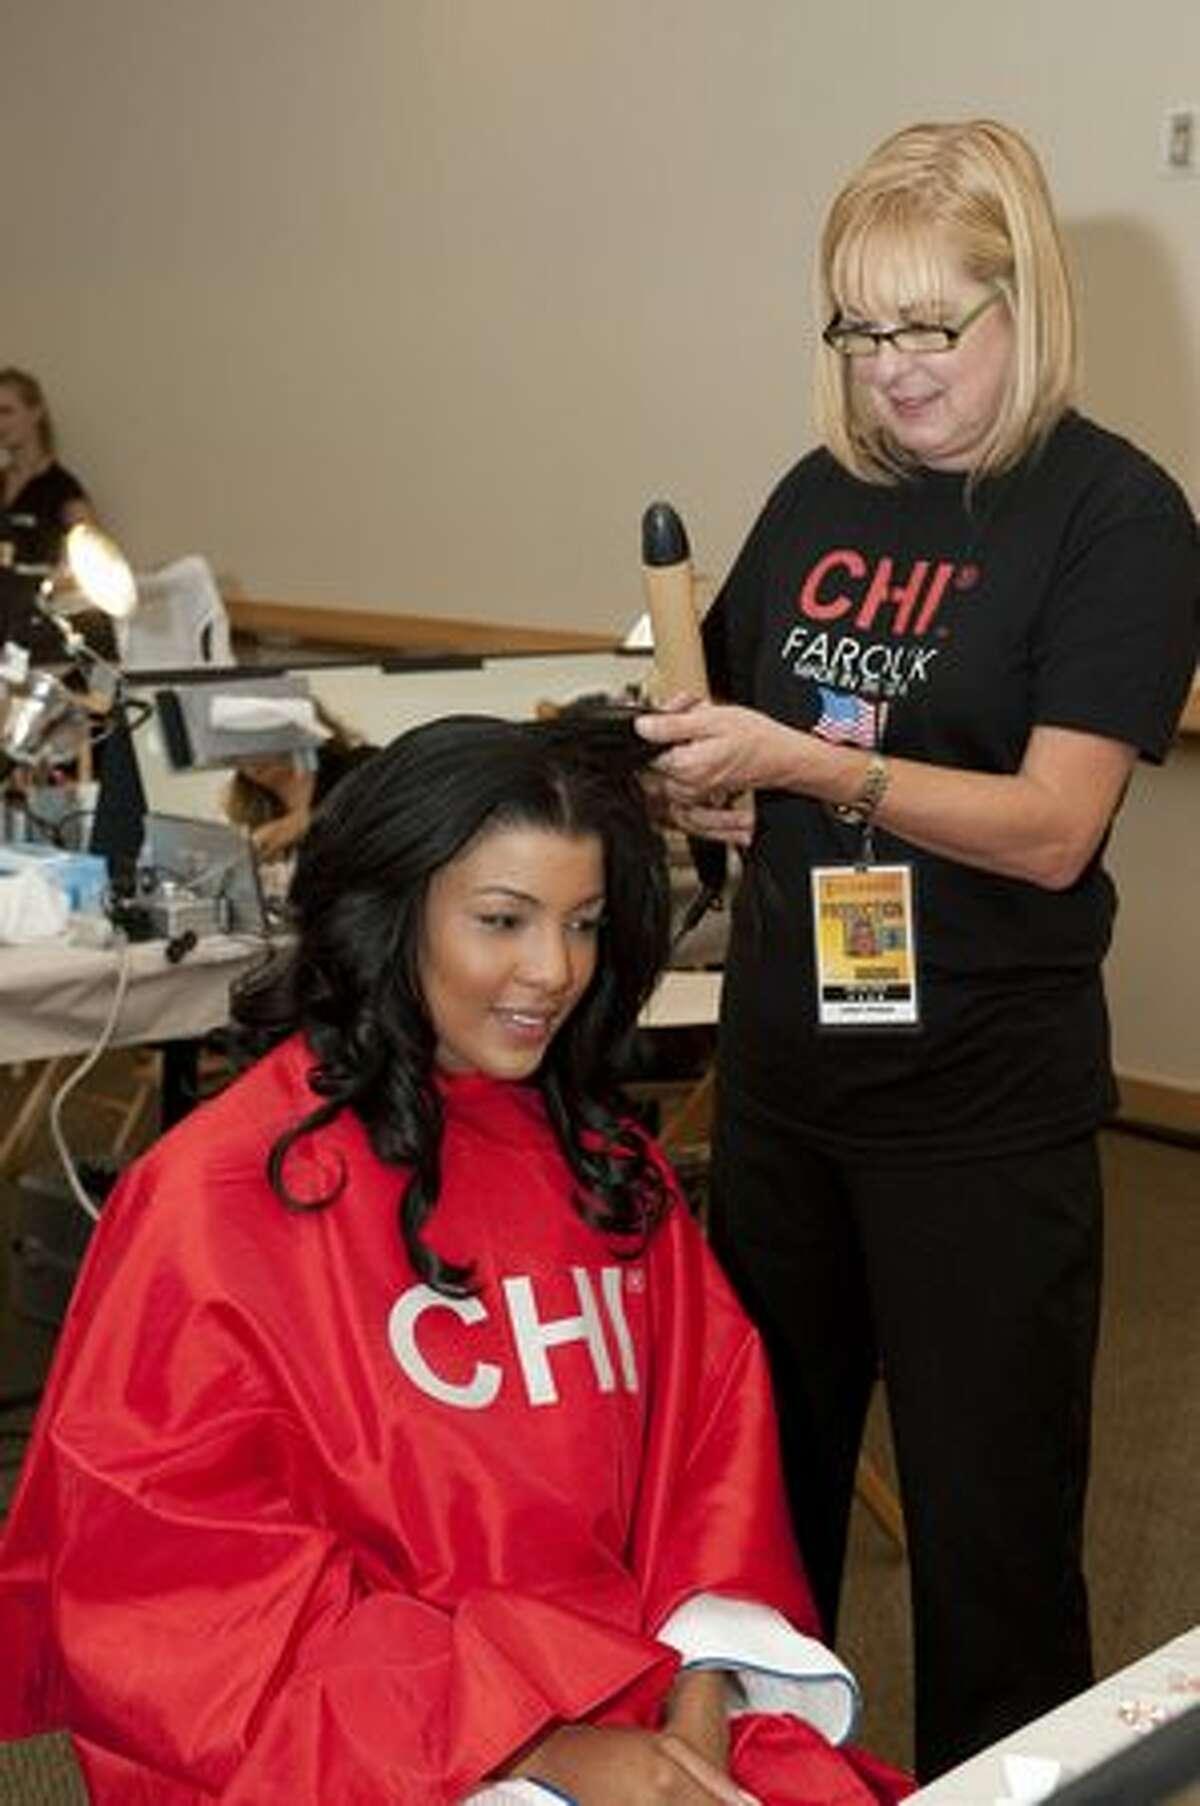 Sarodj Bertin, Miss Haiti 2010, has her hair done by Chi Hair Stylist Cindy Ryman.